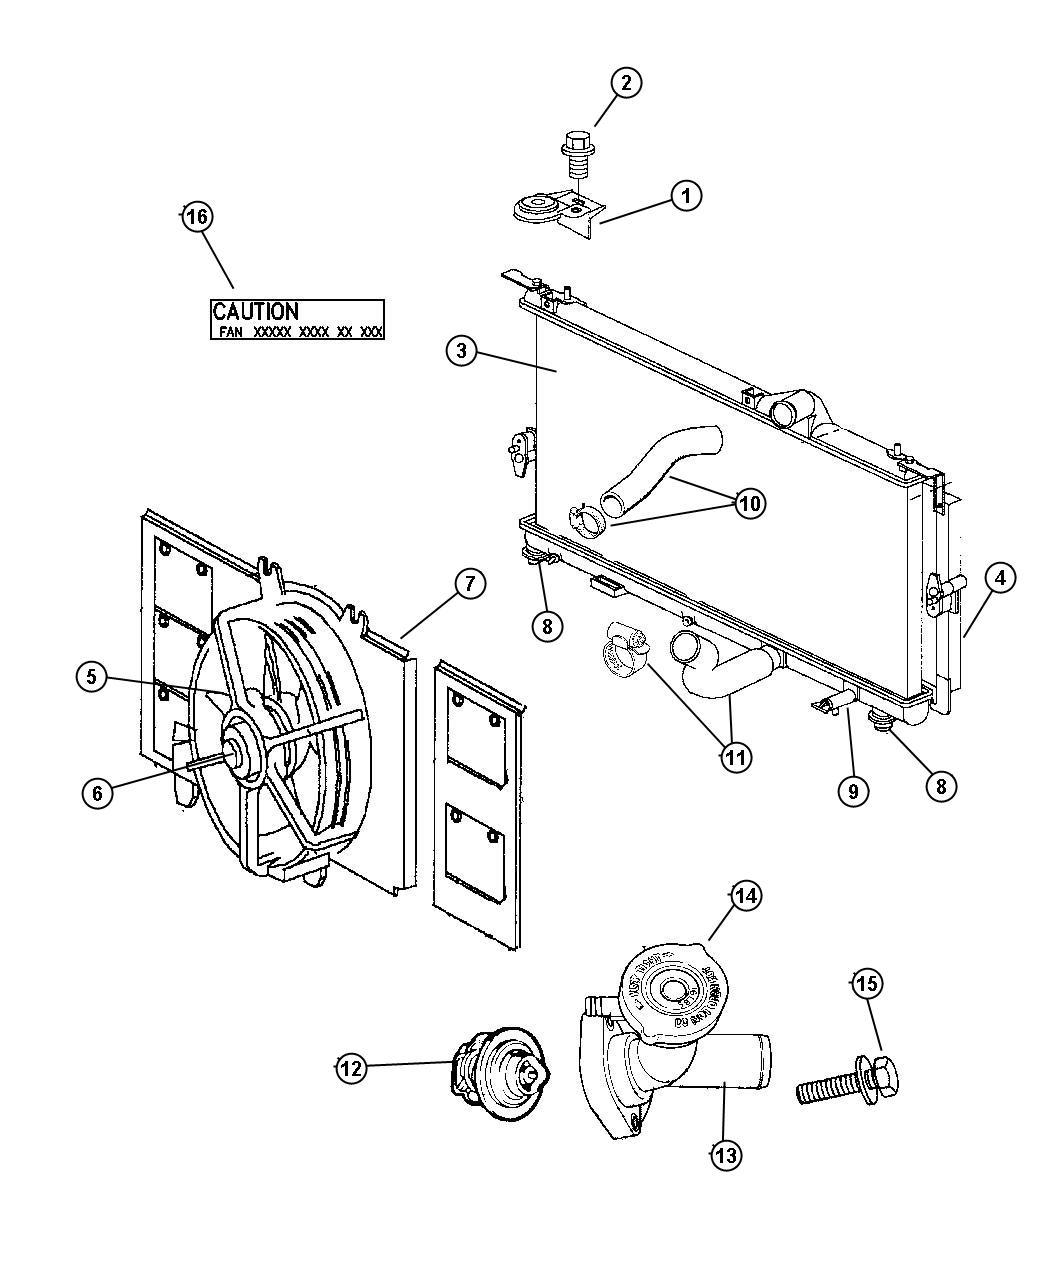 Dodge Neon Motor Radiator Fan